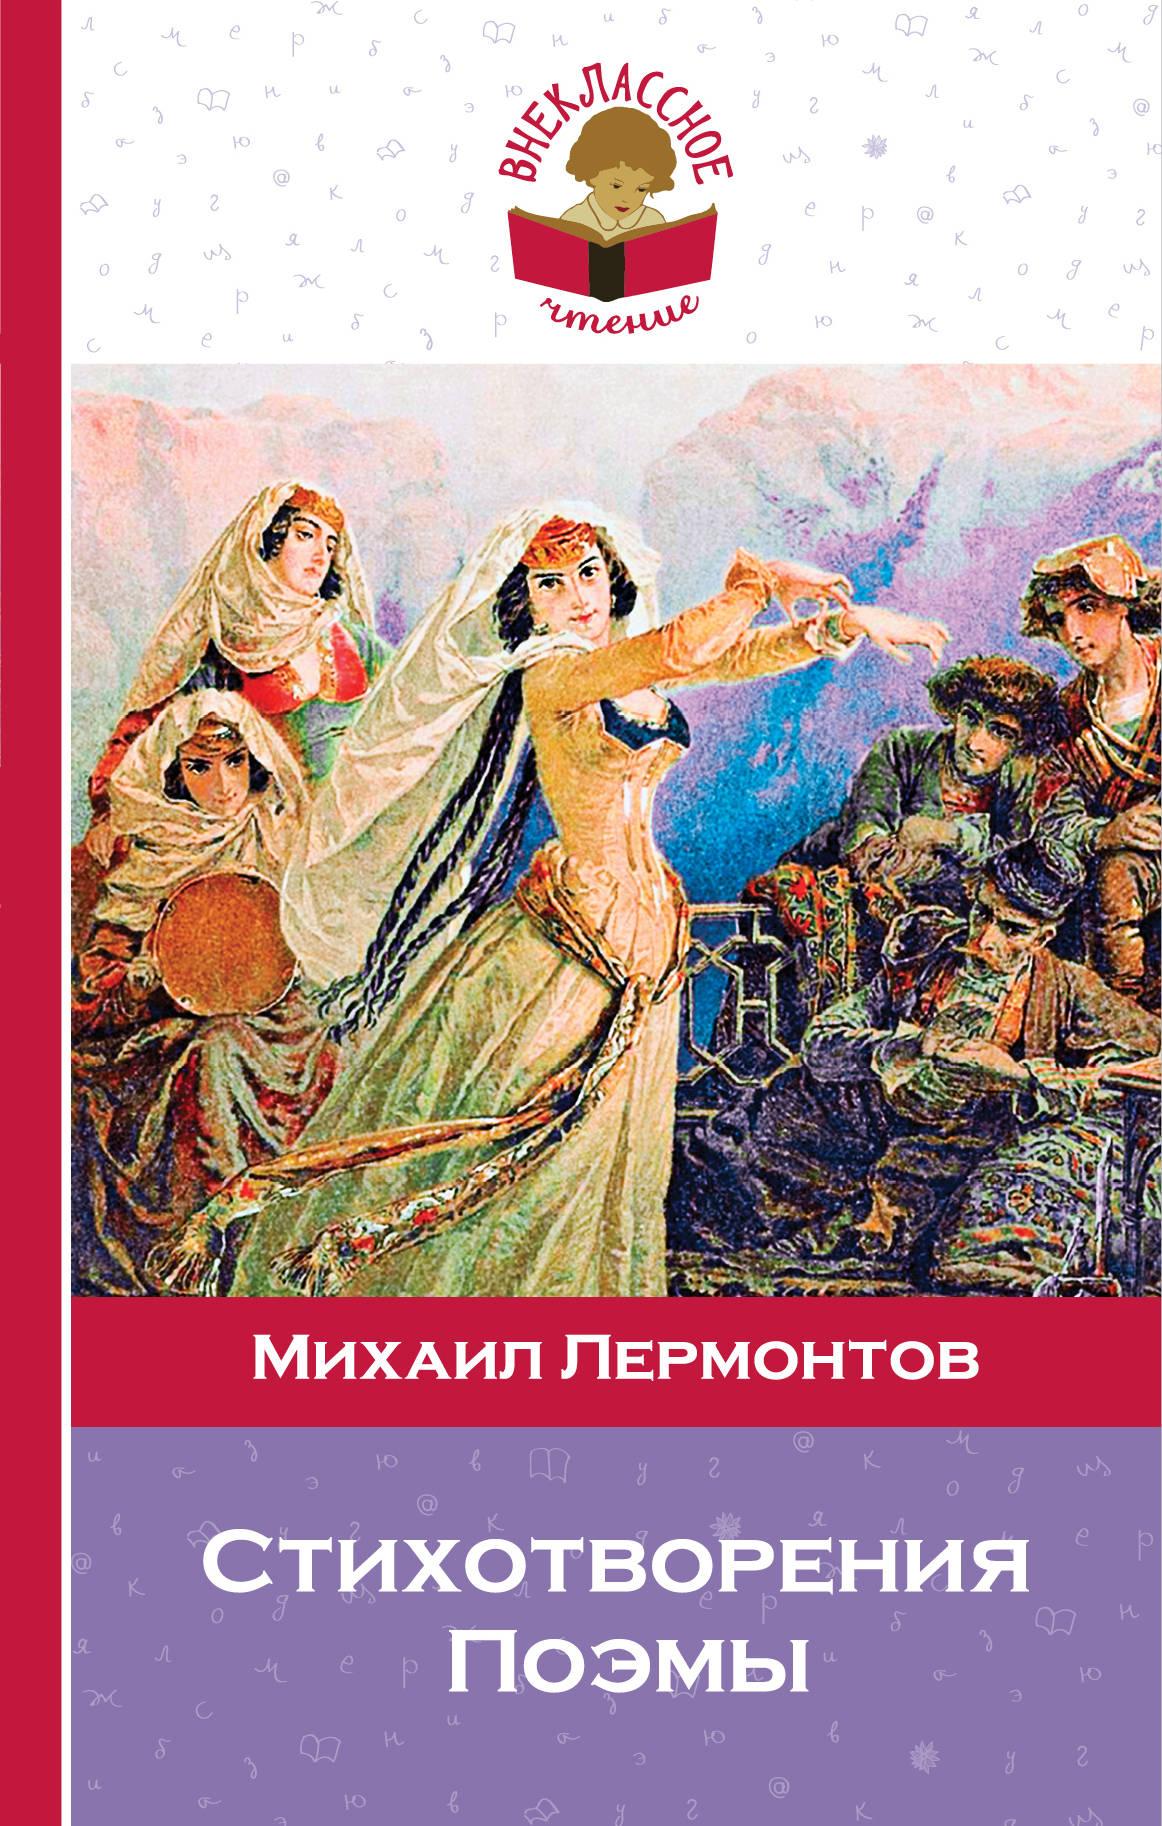 М. Ю. Лермонтов Михаил Лермонтов. Стихотворения. Поэмы мамочева ю мой радар стихотворения